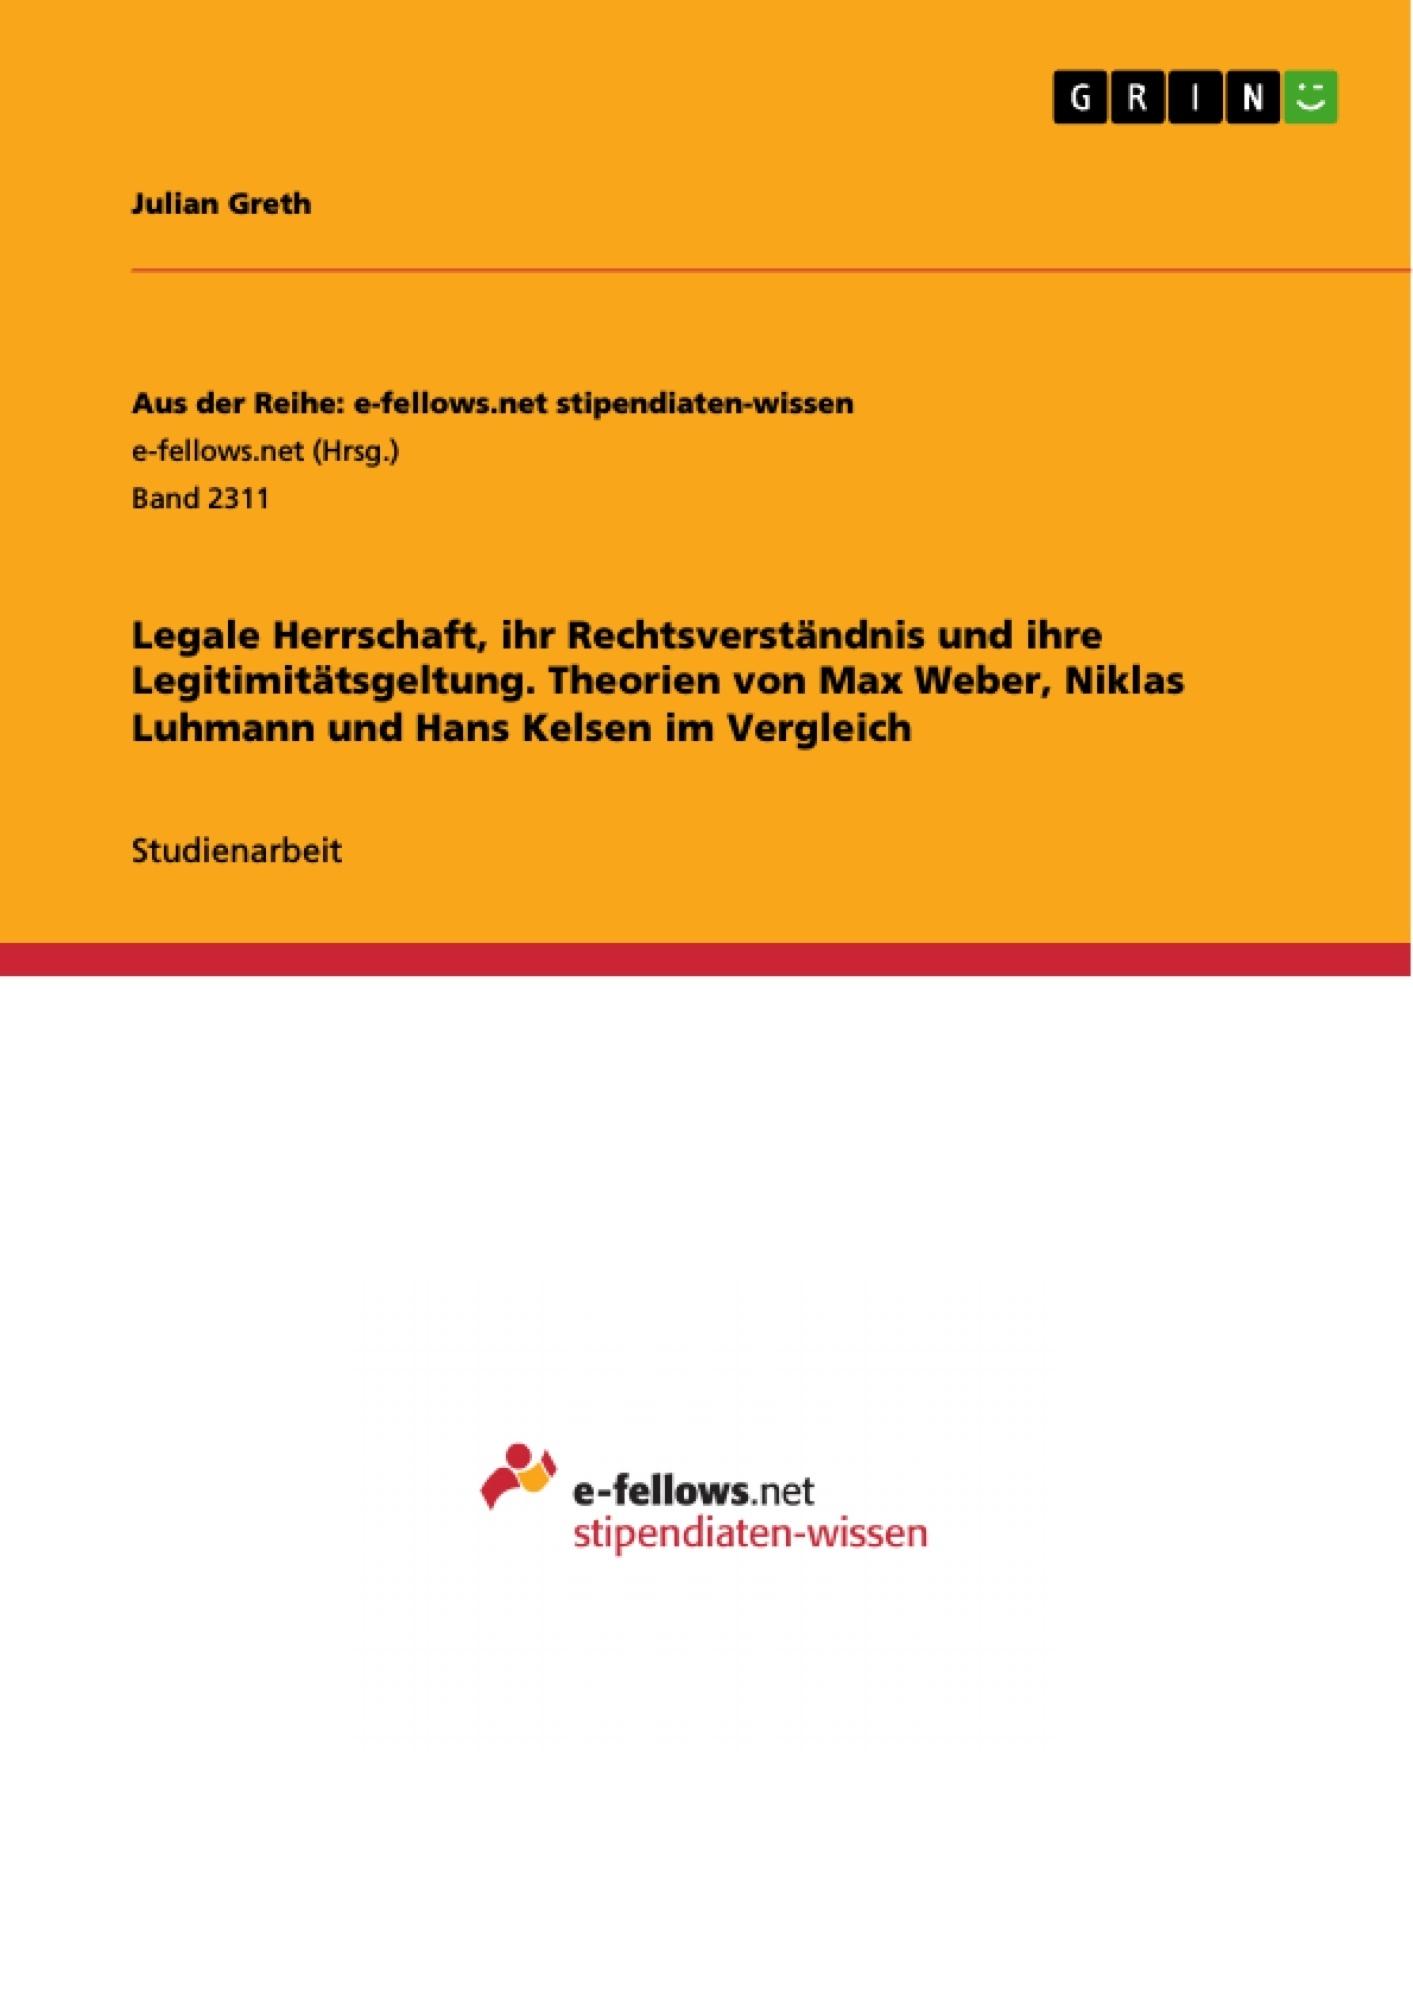 Titel: Legale Herrschaft, ihr Rechtsverständnis und ihre Legitimitätsgeltung. Theorien von Max Weber, Niklas Luhmann und Hans Kelsen im Vergleich